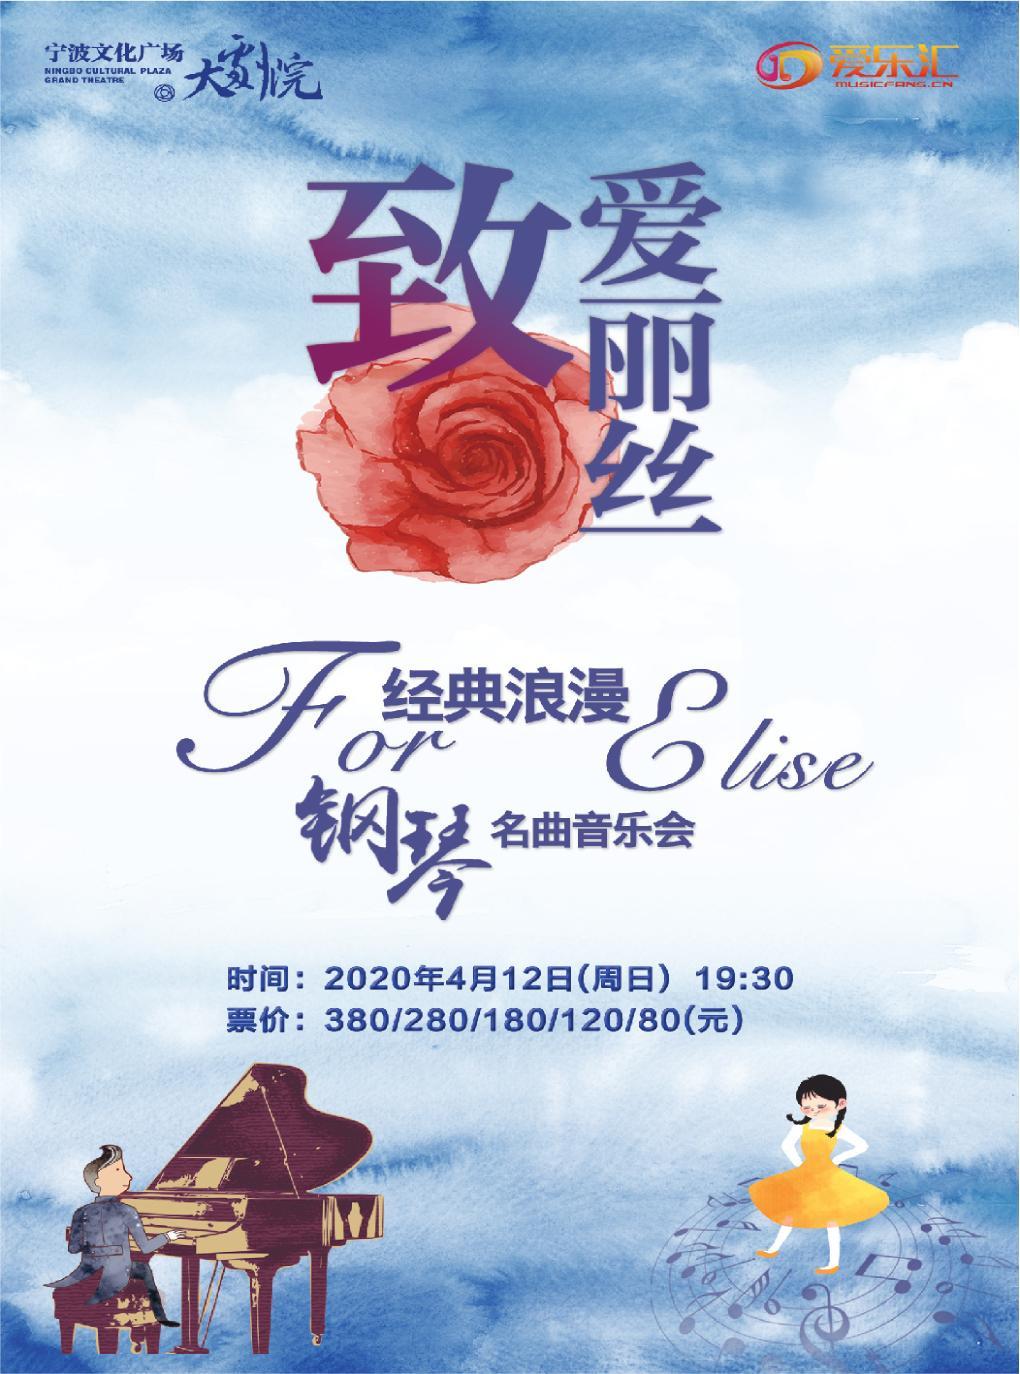 钢琴名曲音乐会《致爱丽丝》